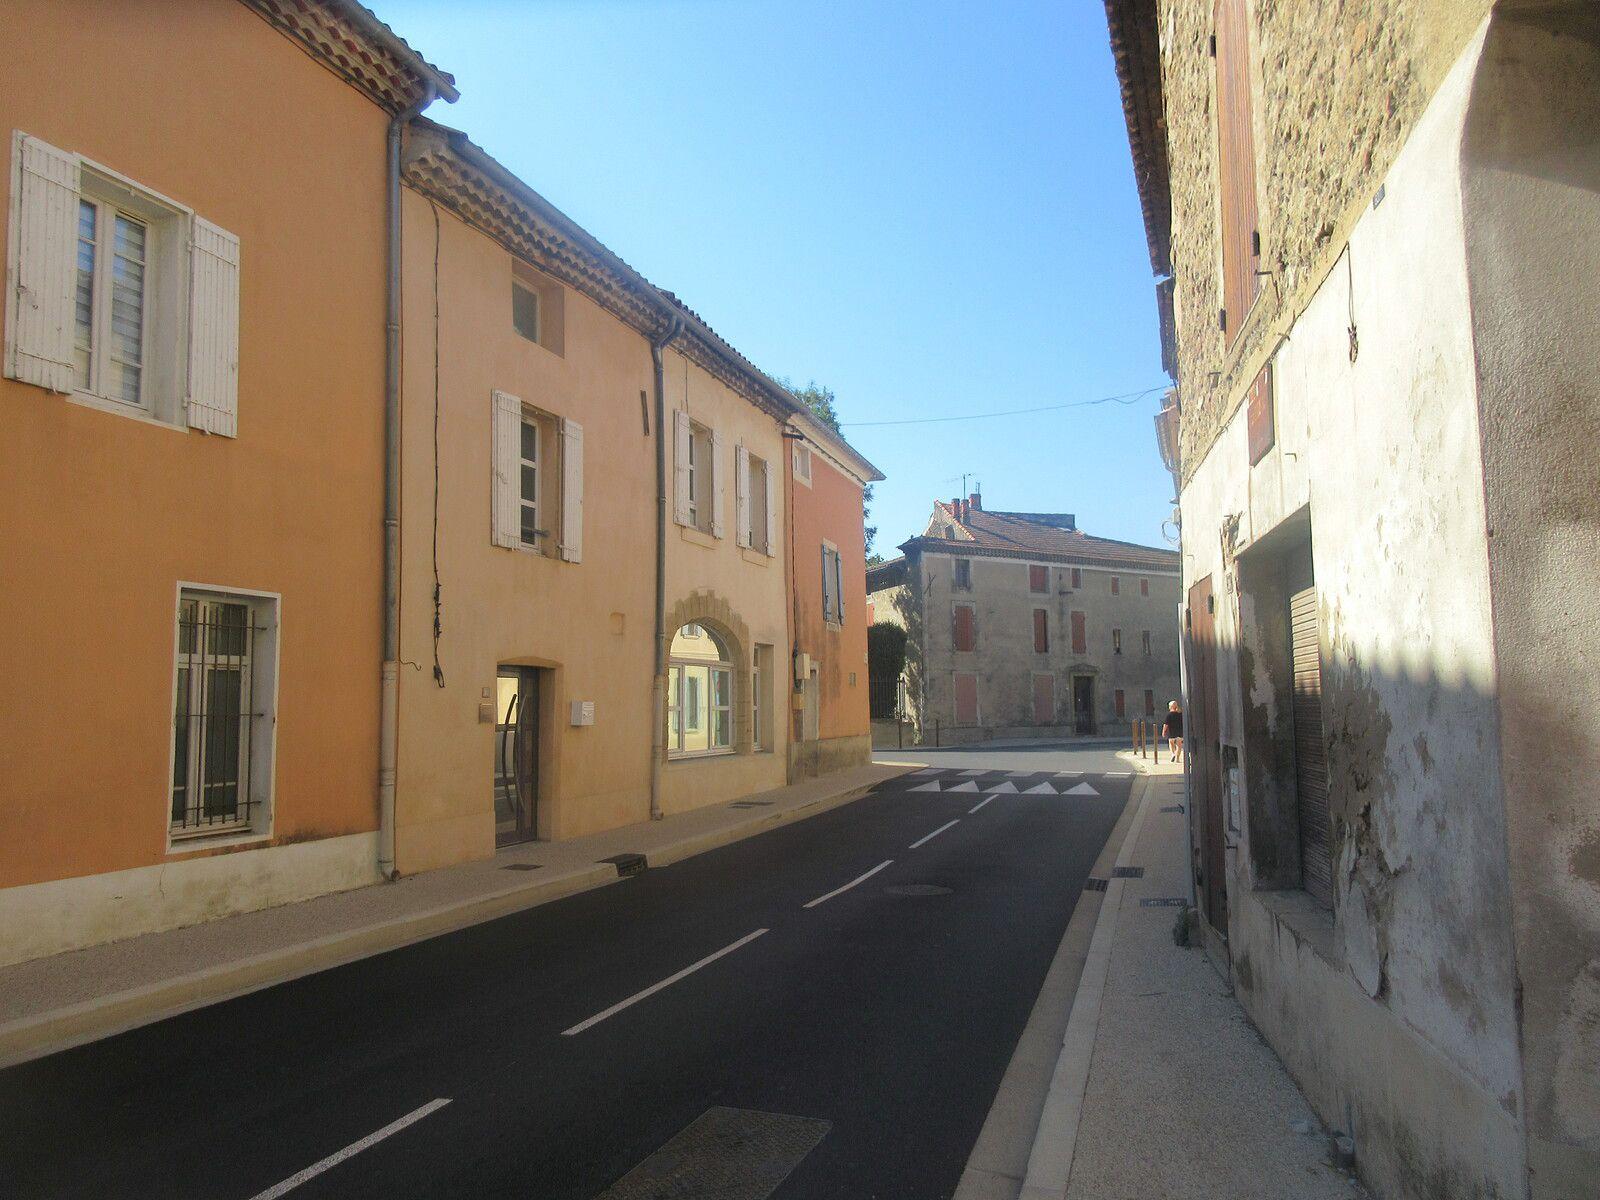 Une brillante journée, c'était à CAMARET – SUR – AIGUES (Vaucluse) au début du mois de septembre 2021